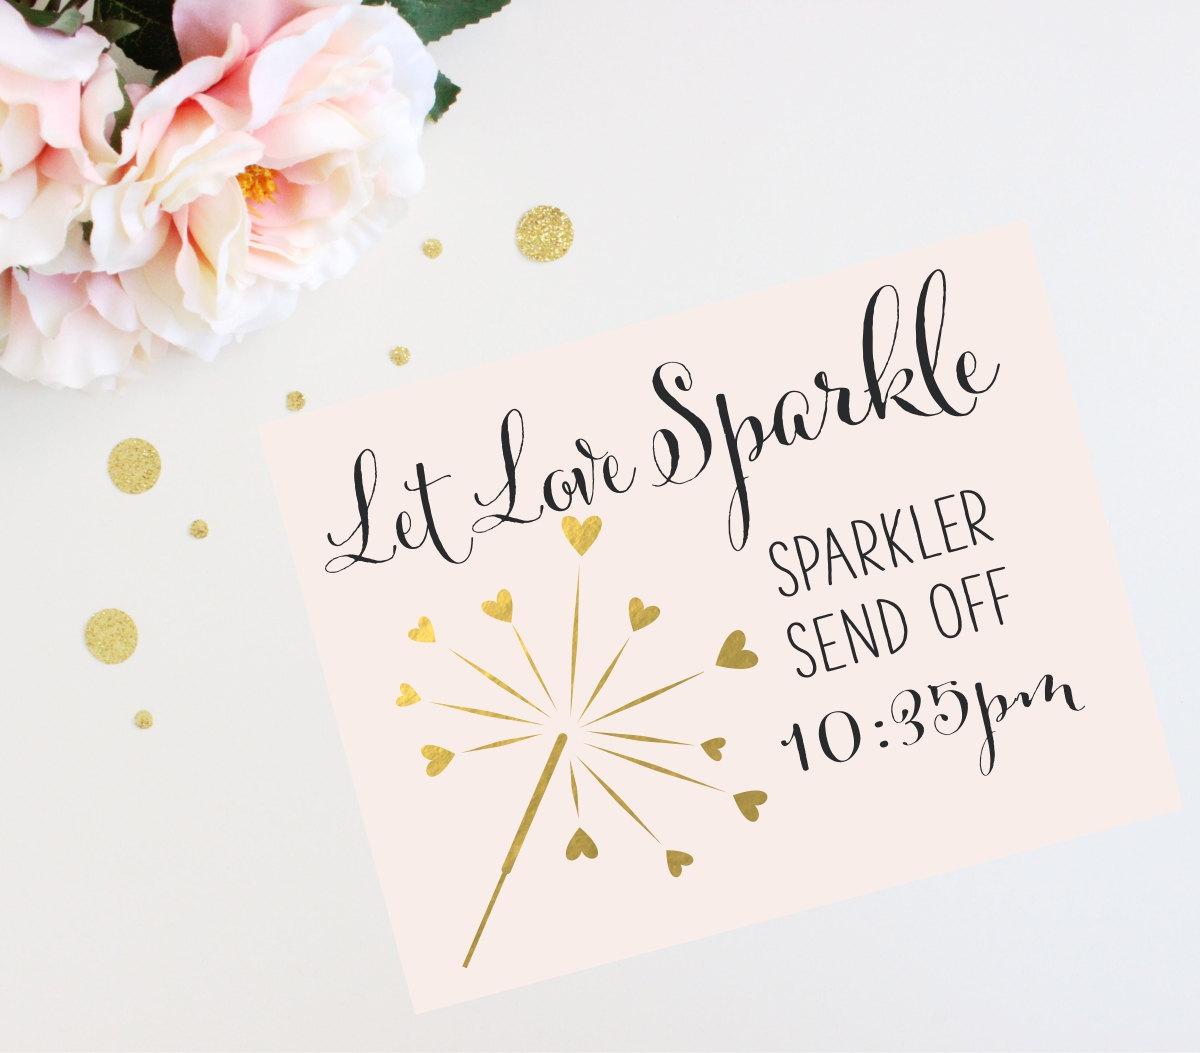 Sparkler send off sign let love sparkle personalized printable sparkler send off sign let love sparkle personalized printable quick turnaround diy print kristyandbryce Images